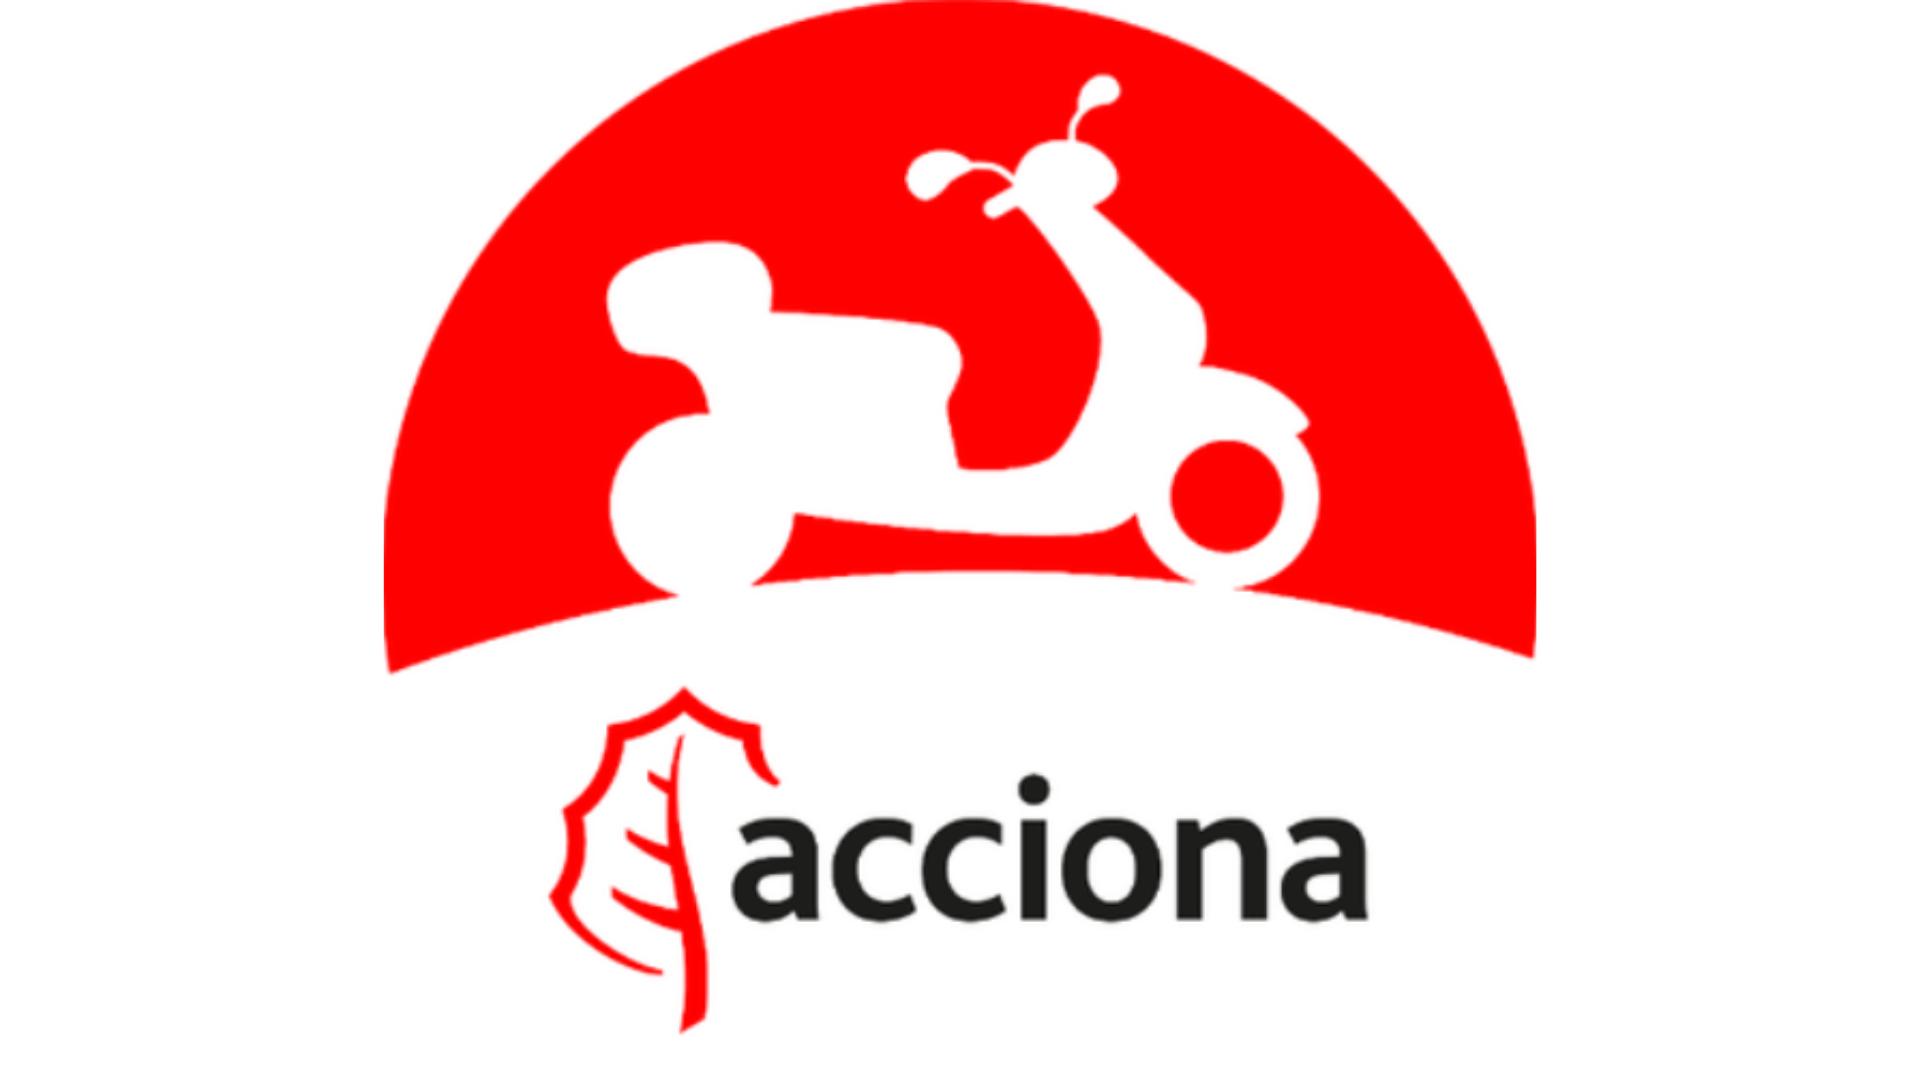 5 minutos de moto con Acciona Motorsharing